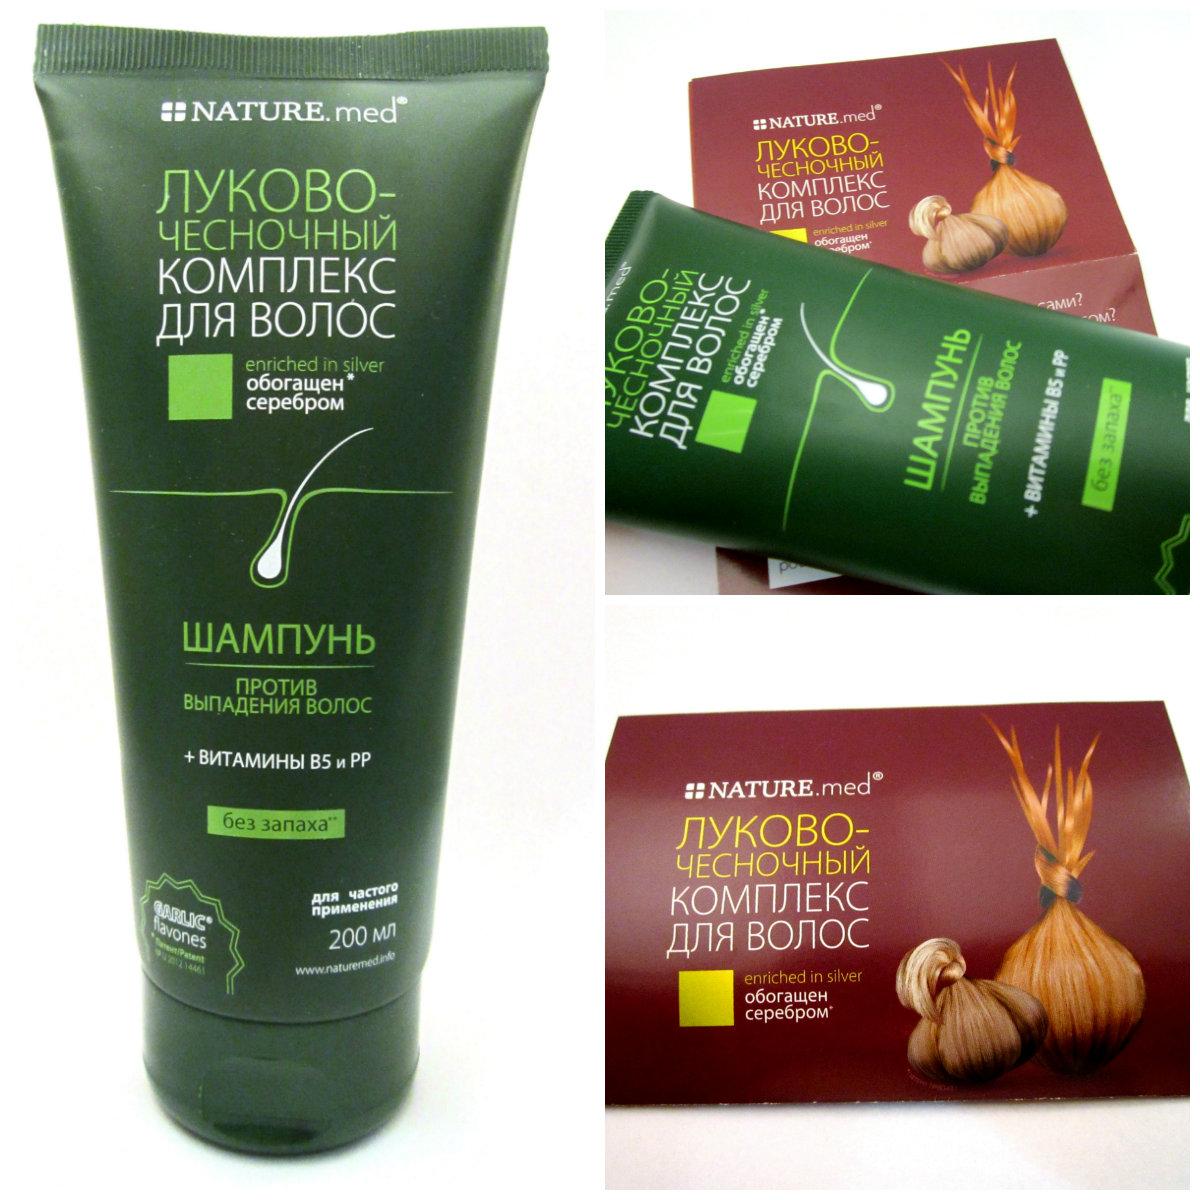 Шампуни своими руками против выпадения волос